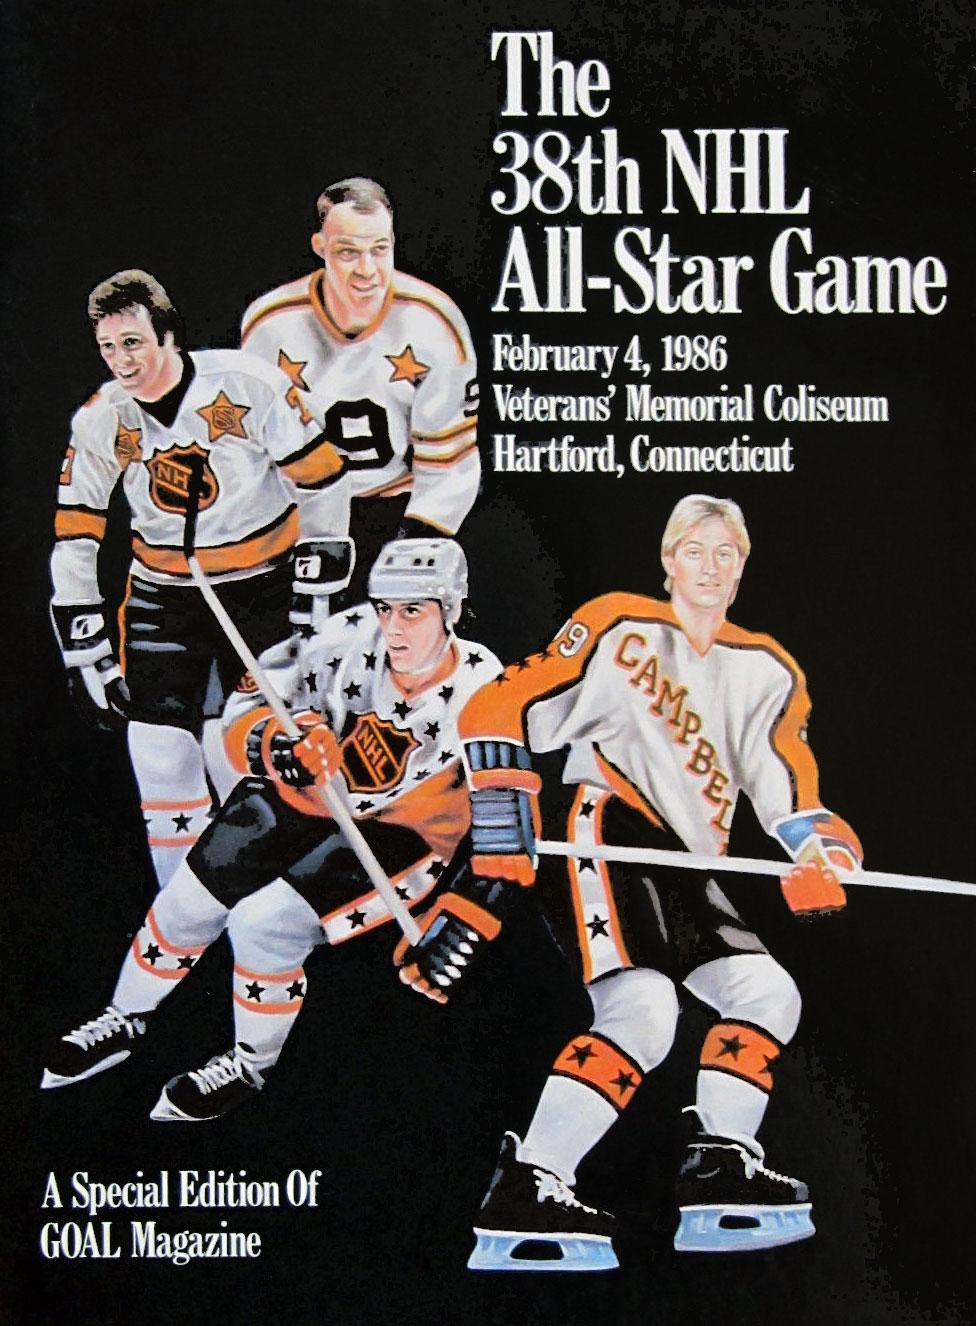 NHL All-Star Game Program Program (1985/86) - 1986 NHL All-Star Game program cover - game held in Hartford, CT SportsLogos.Net